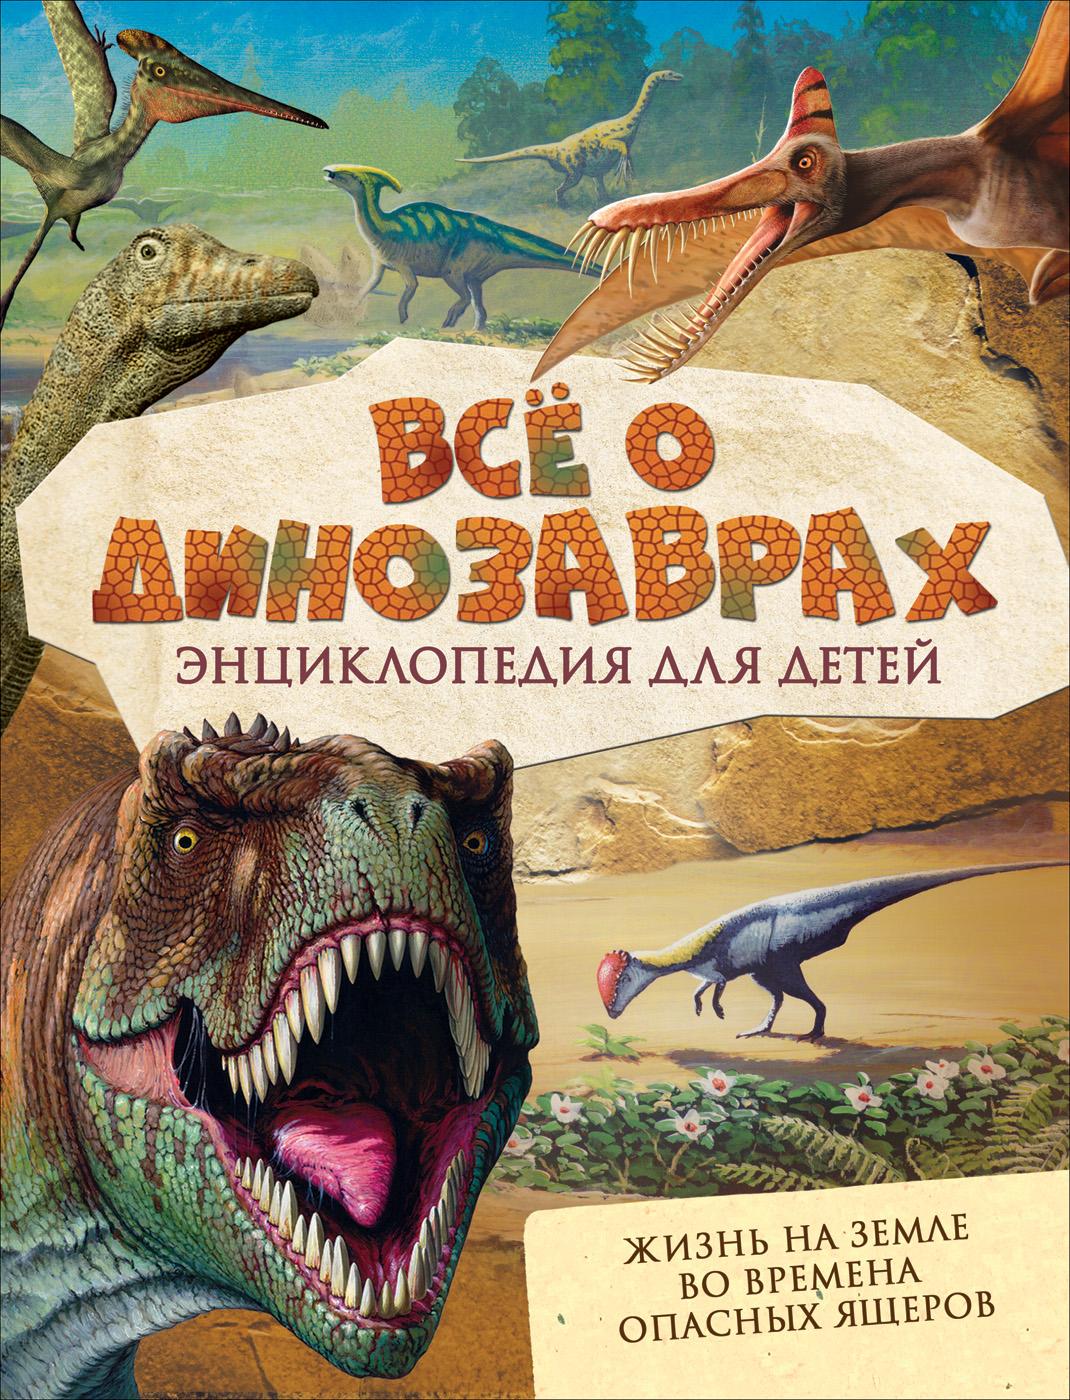 Р. Мэттьюз, С. Паркер Все о динозаврах